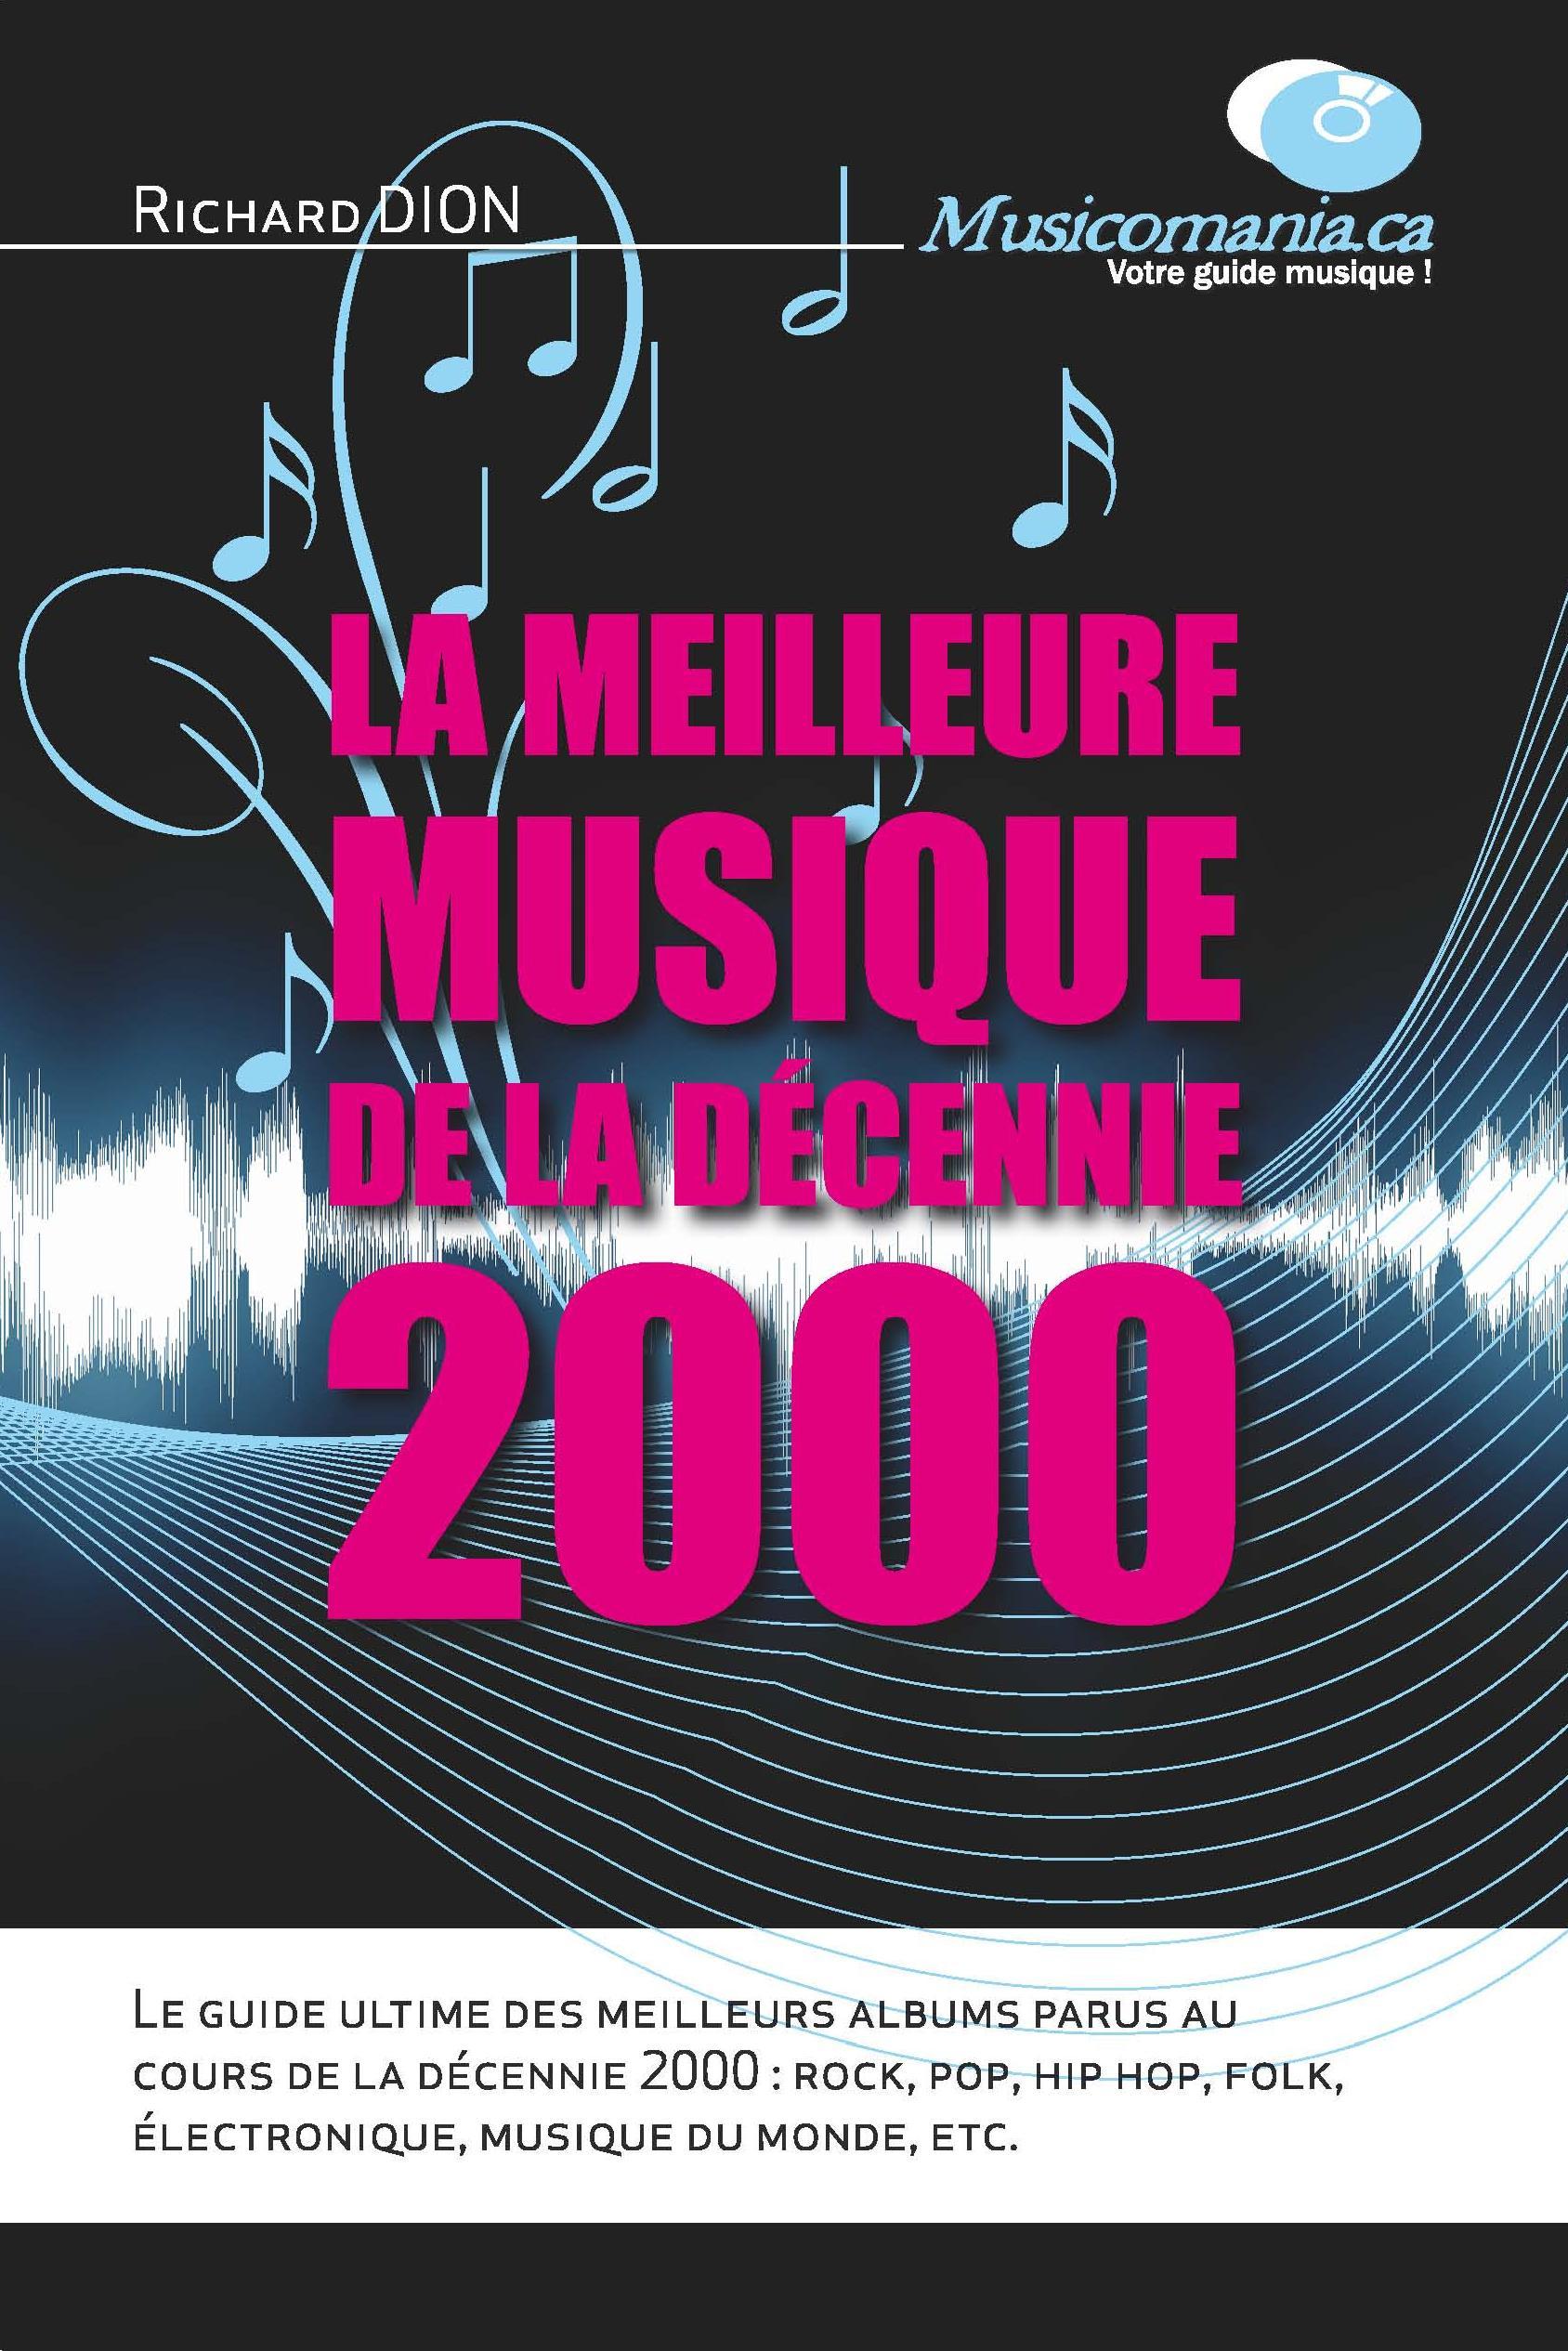 La meilleure musique de la décennie 2000